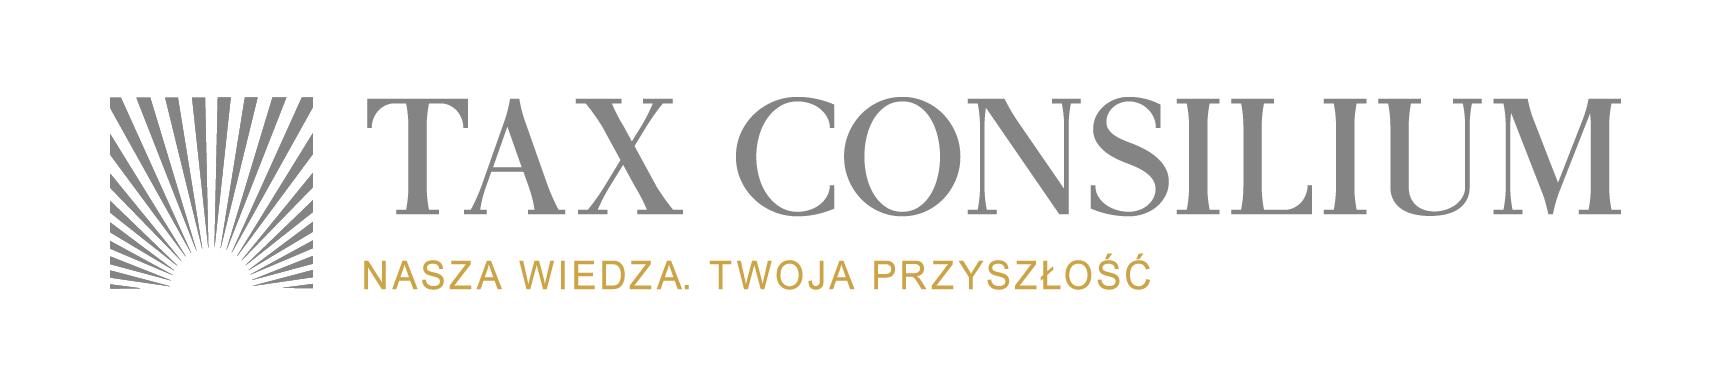 Logo Tax Consilium Spółka z ograniczoną odpowiedzialnością